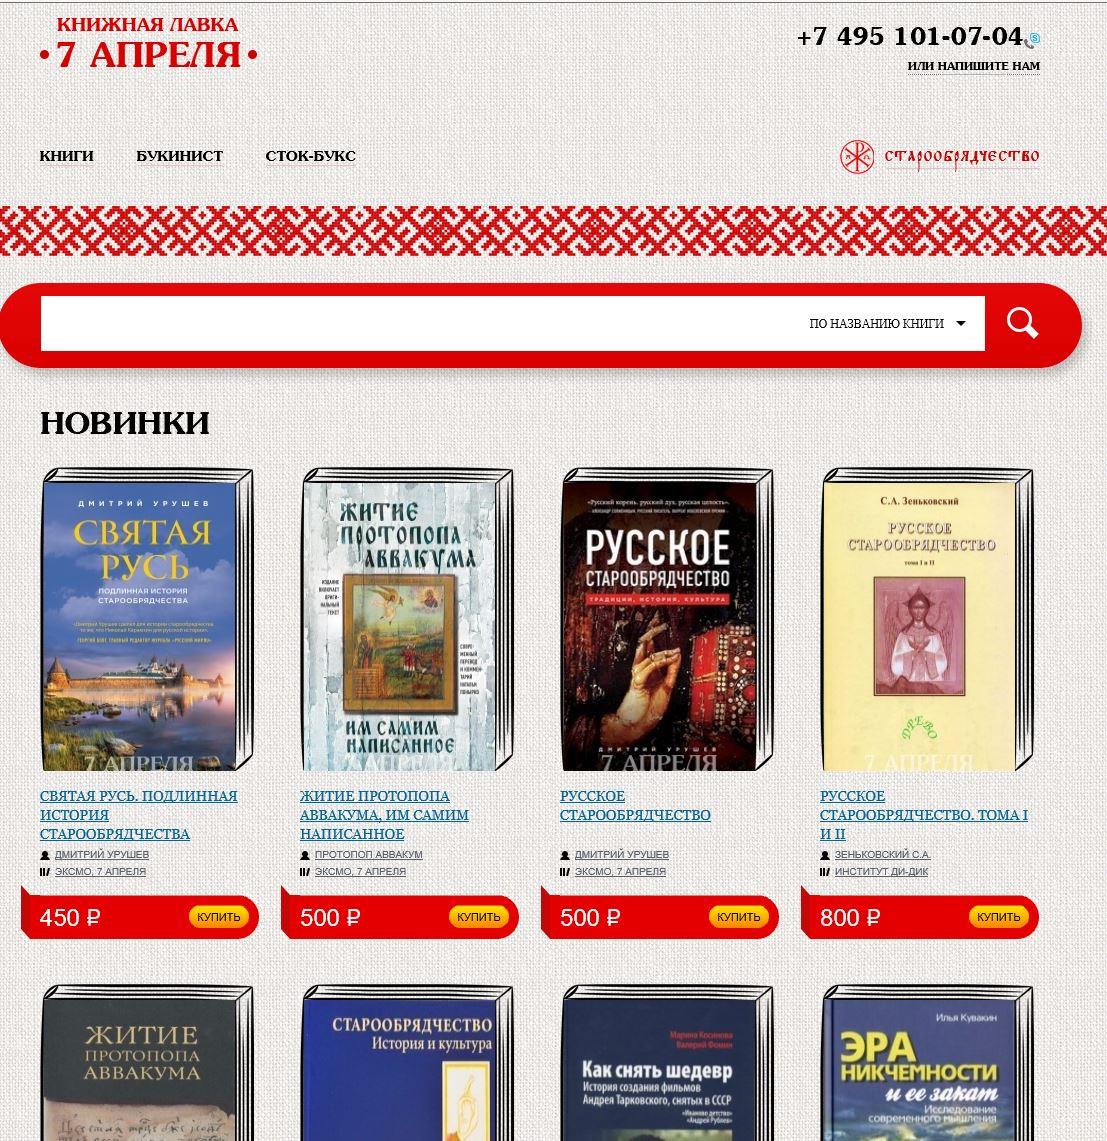 Издательство 7 апреля, 7 april, интернет-магазин, Урушев, история старообрядчества, РПСЦ, революция